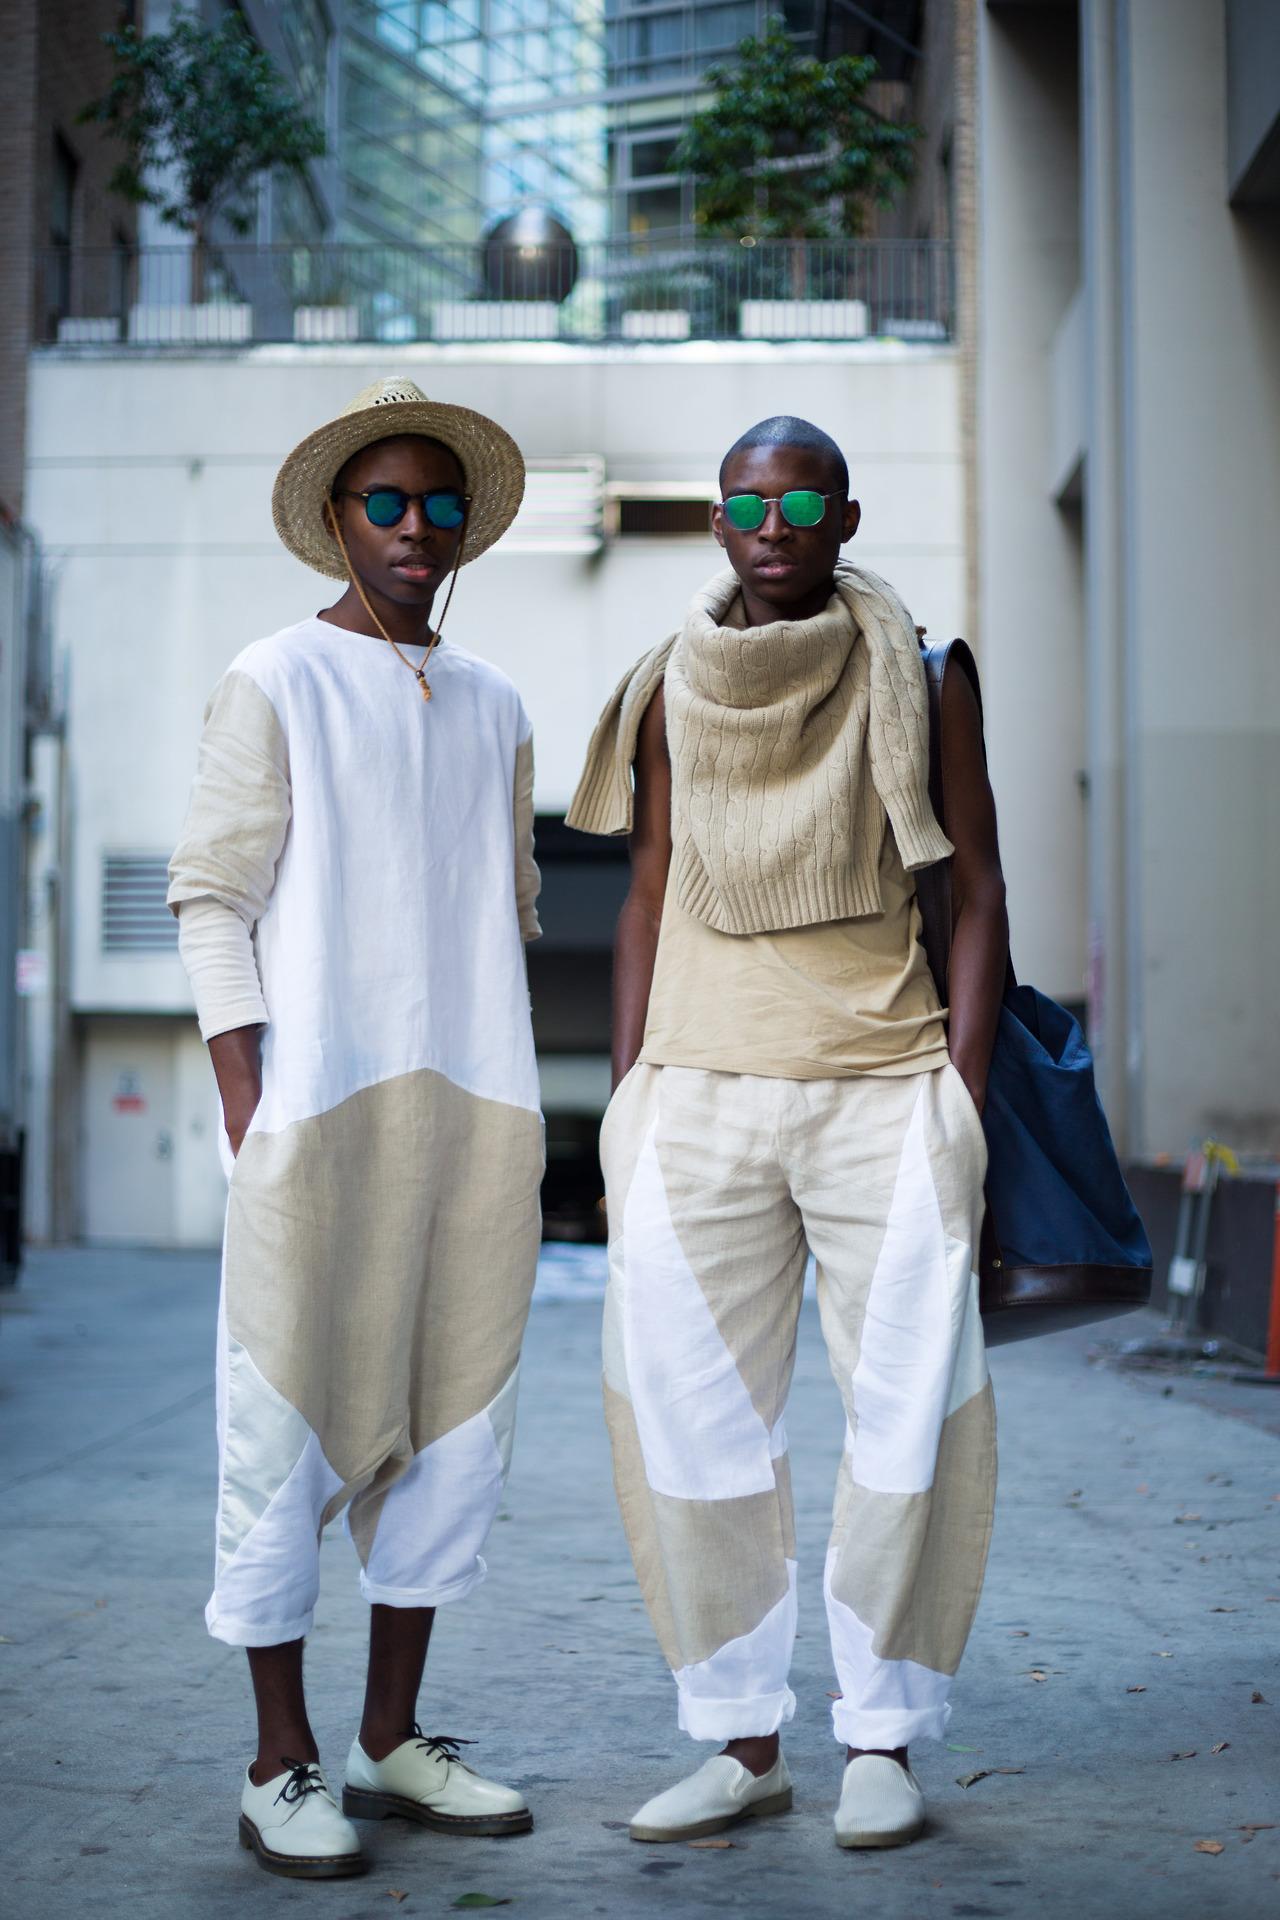 Jalan y Jibril Durimel: los gemelos favoritos del street style